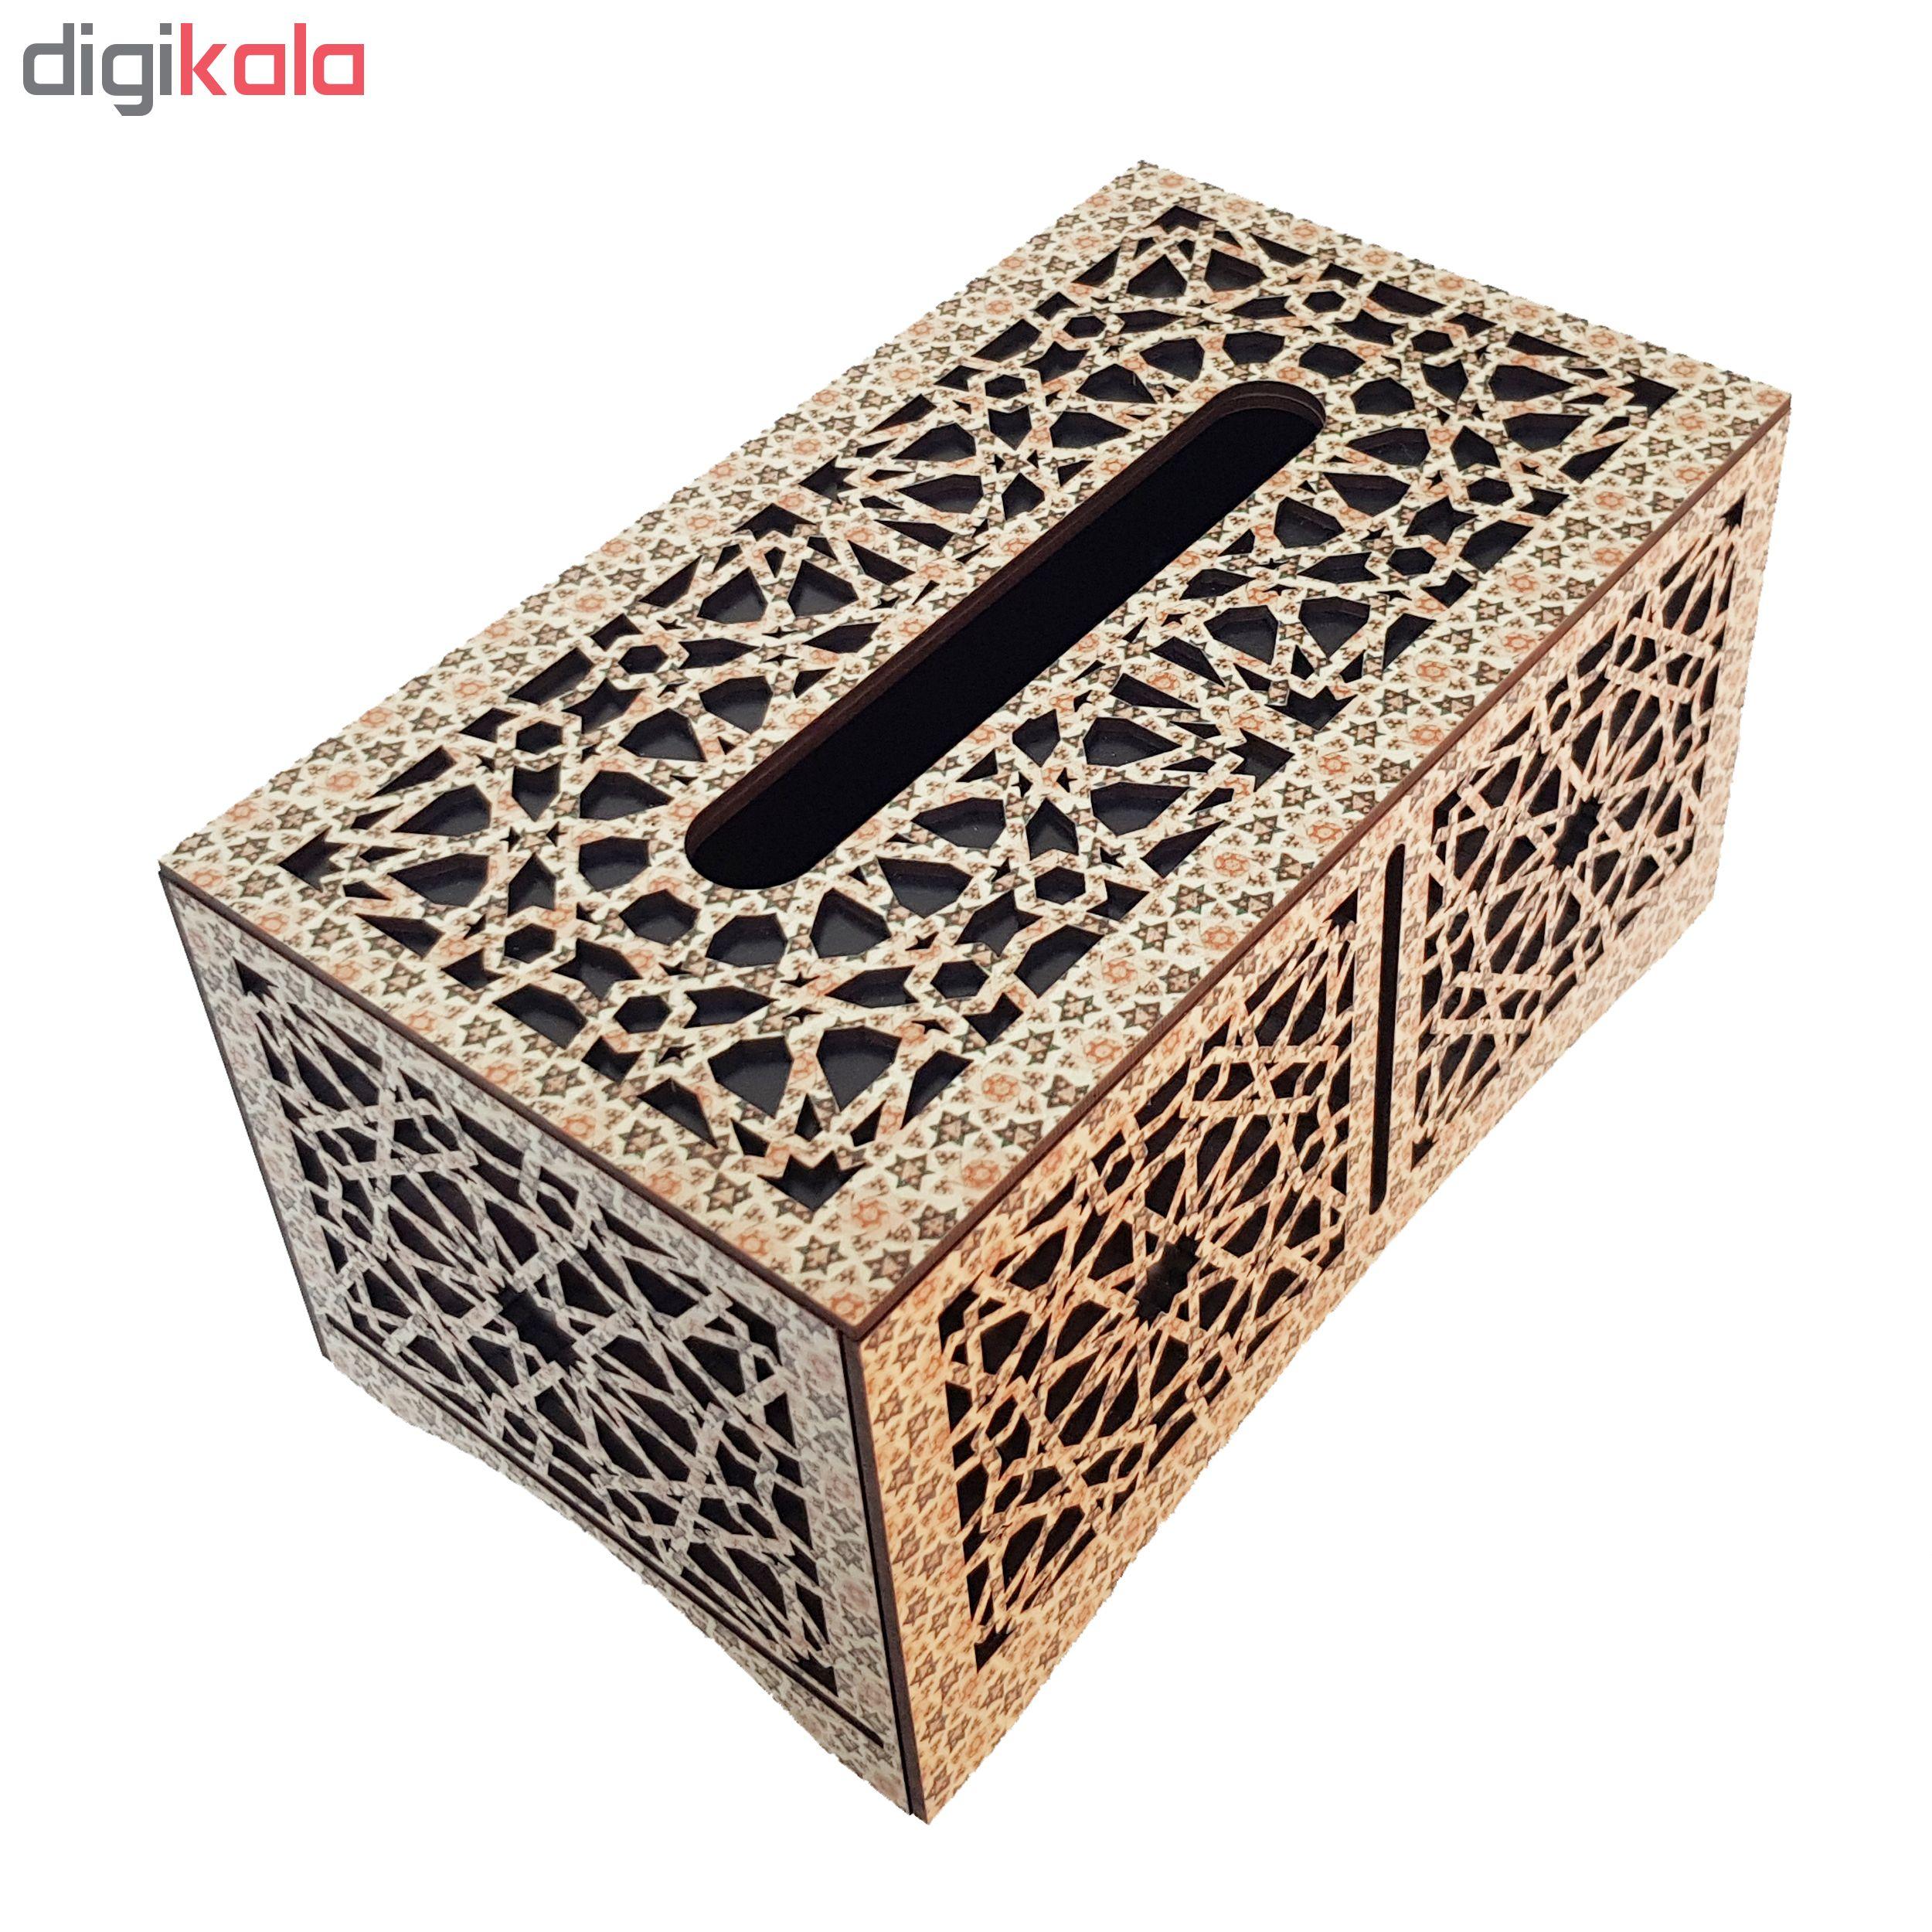 جعبه دستمال کاغذی  مدل  es -mosaic -background